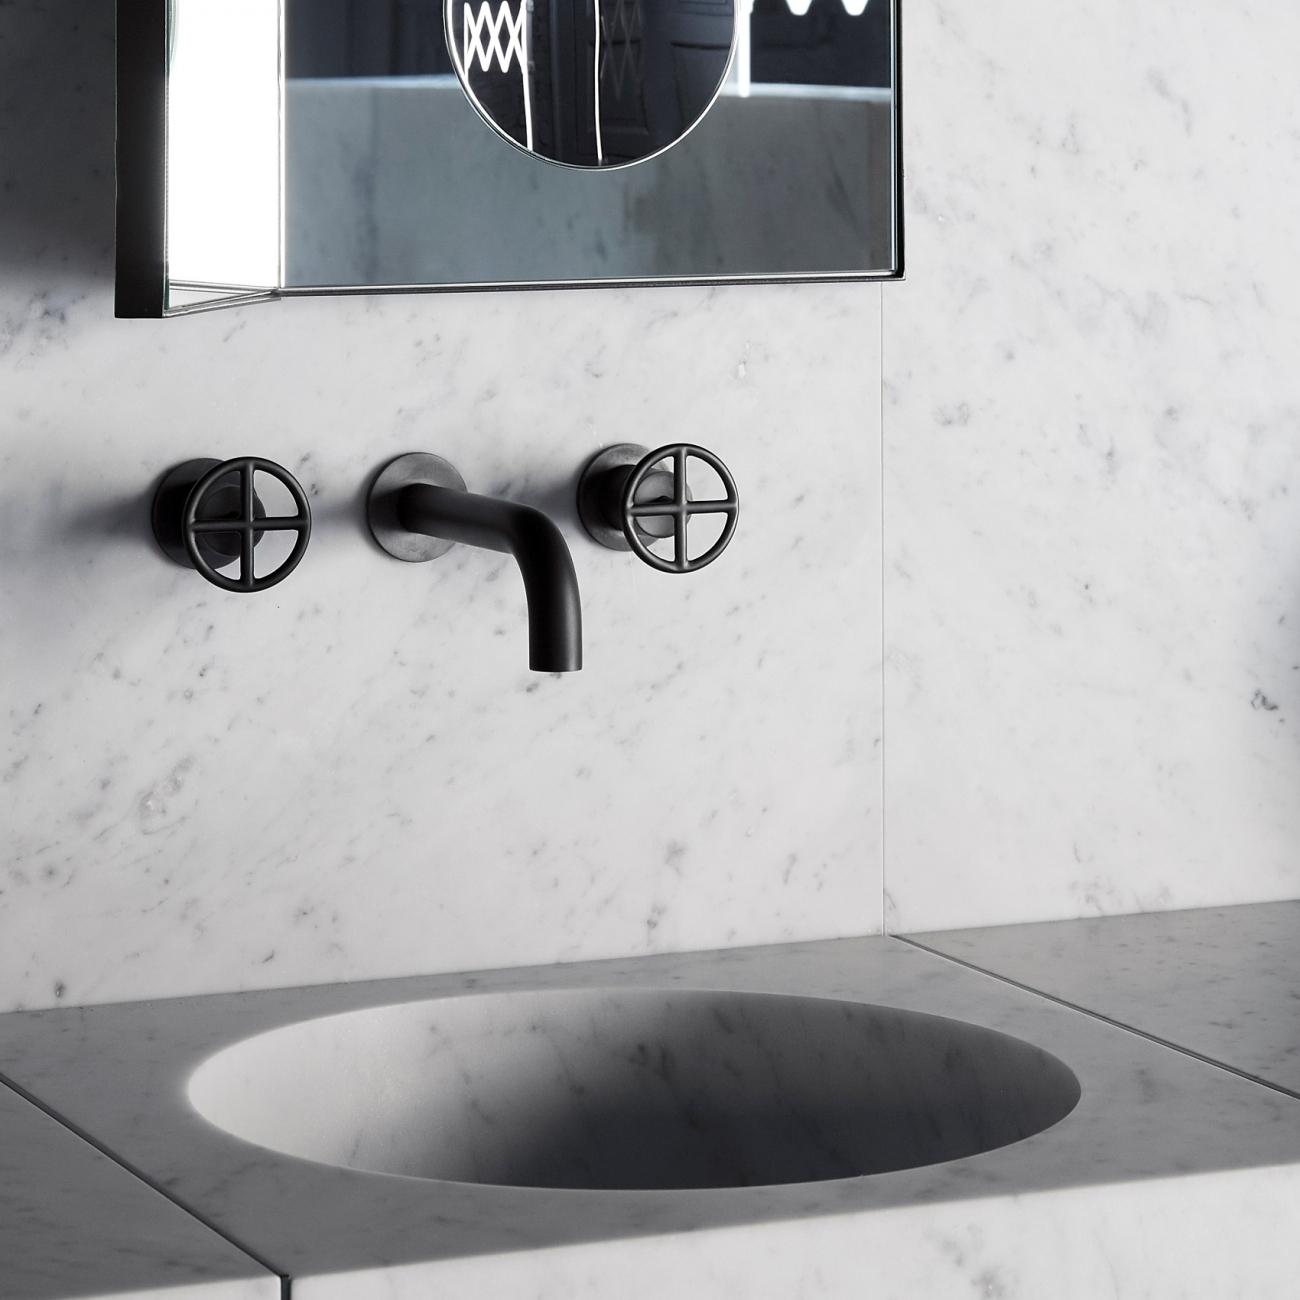 Miscelatore A Muro Per Lavabo fantini fontane bianche miscelatore lavabo da parete - tattahome